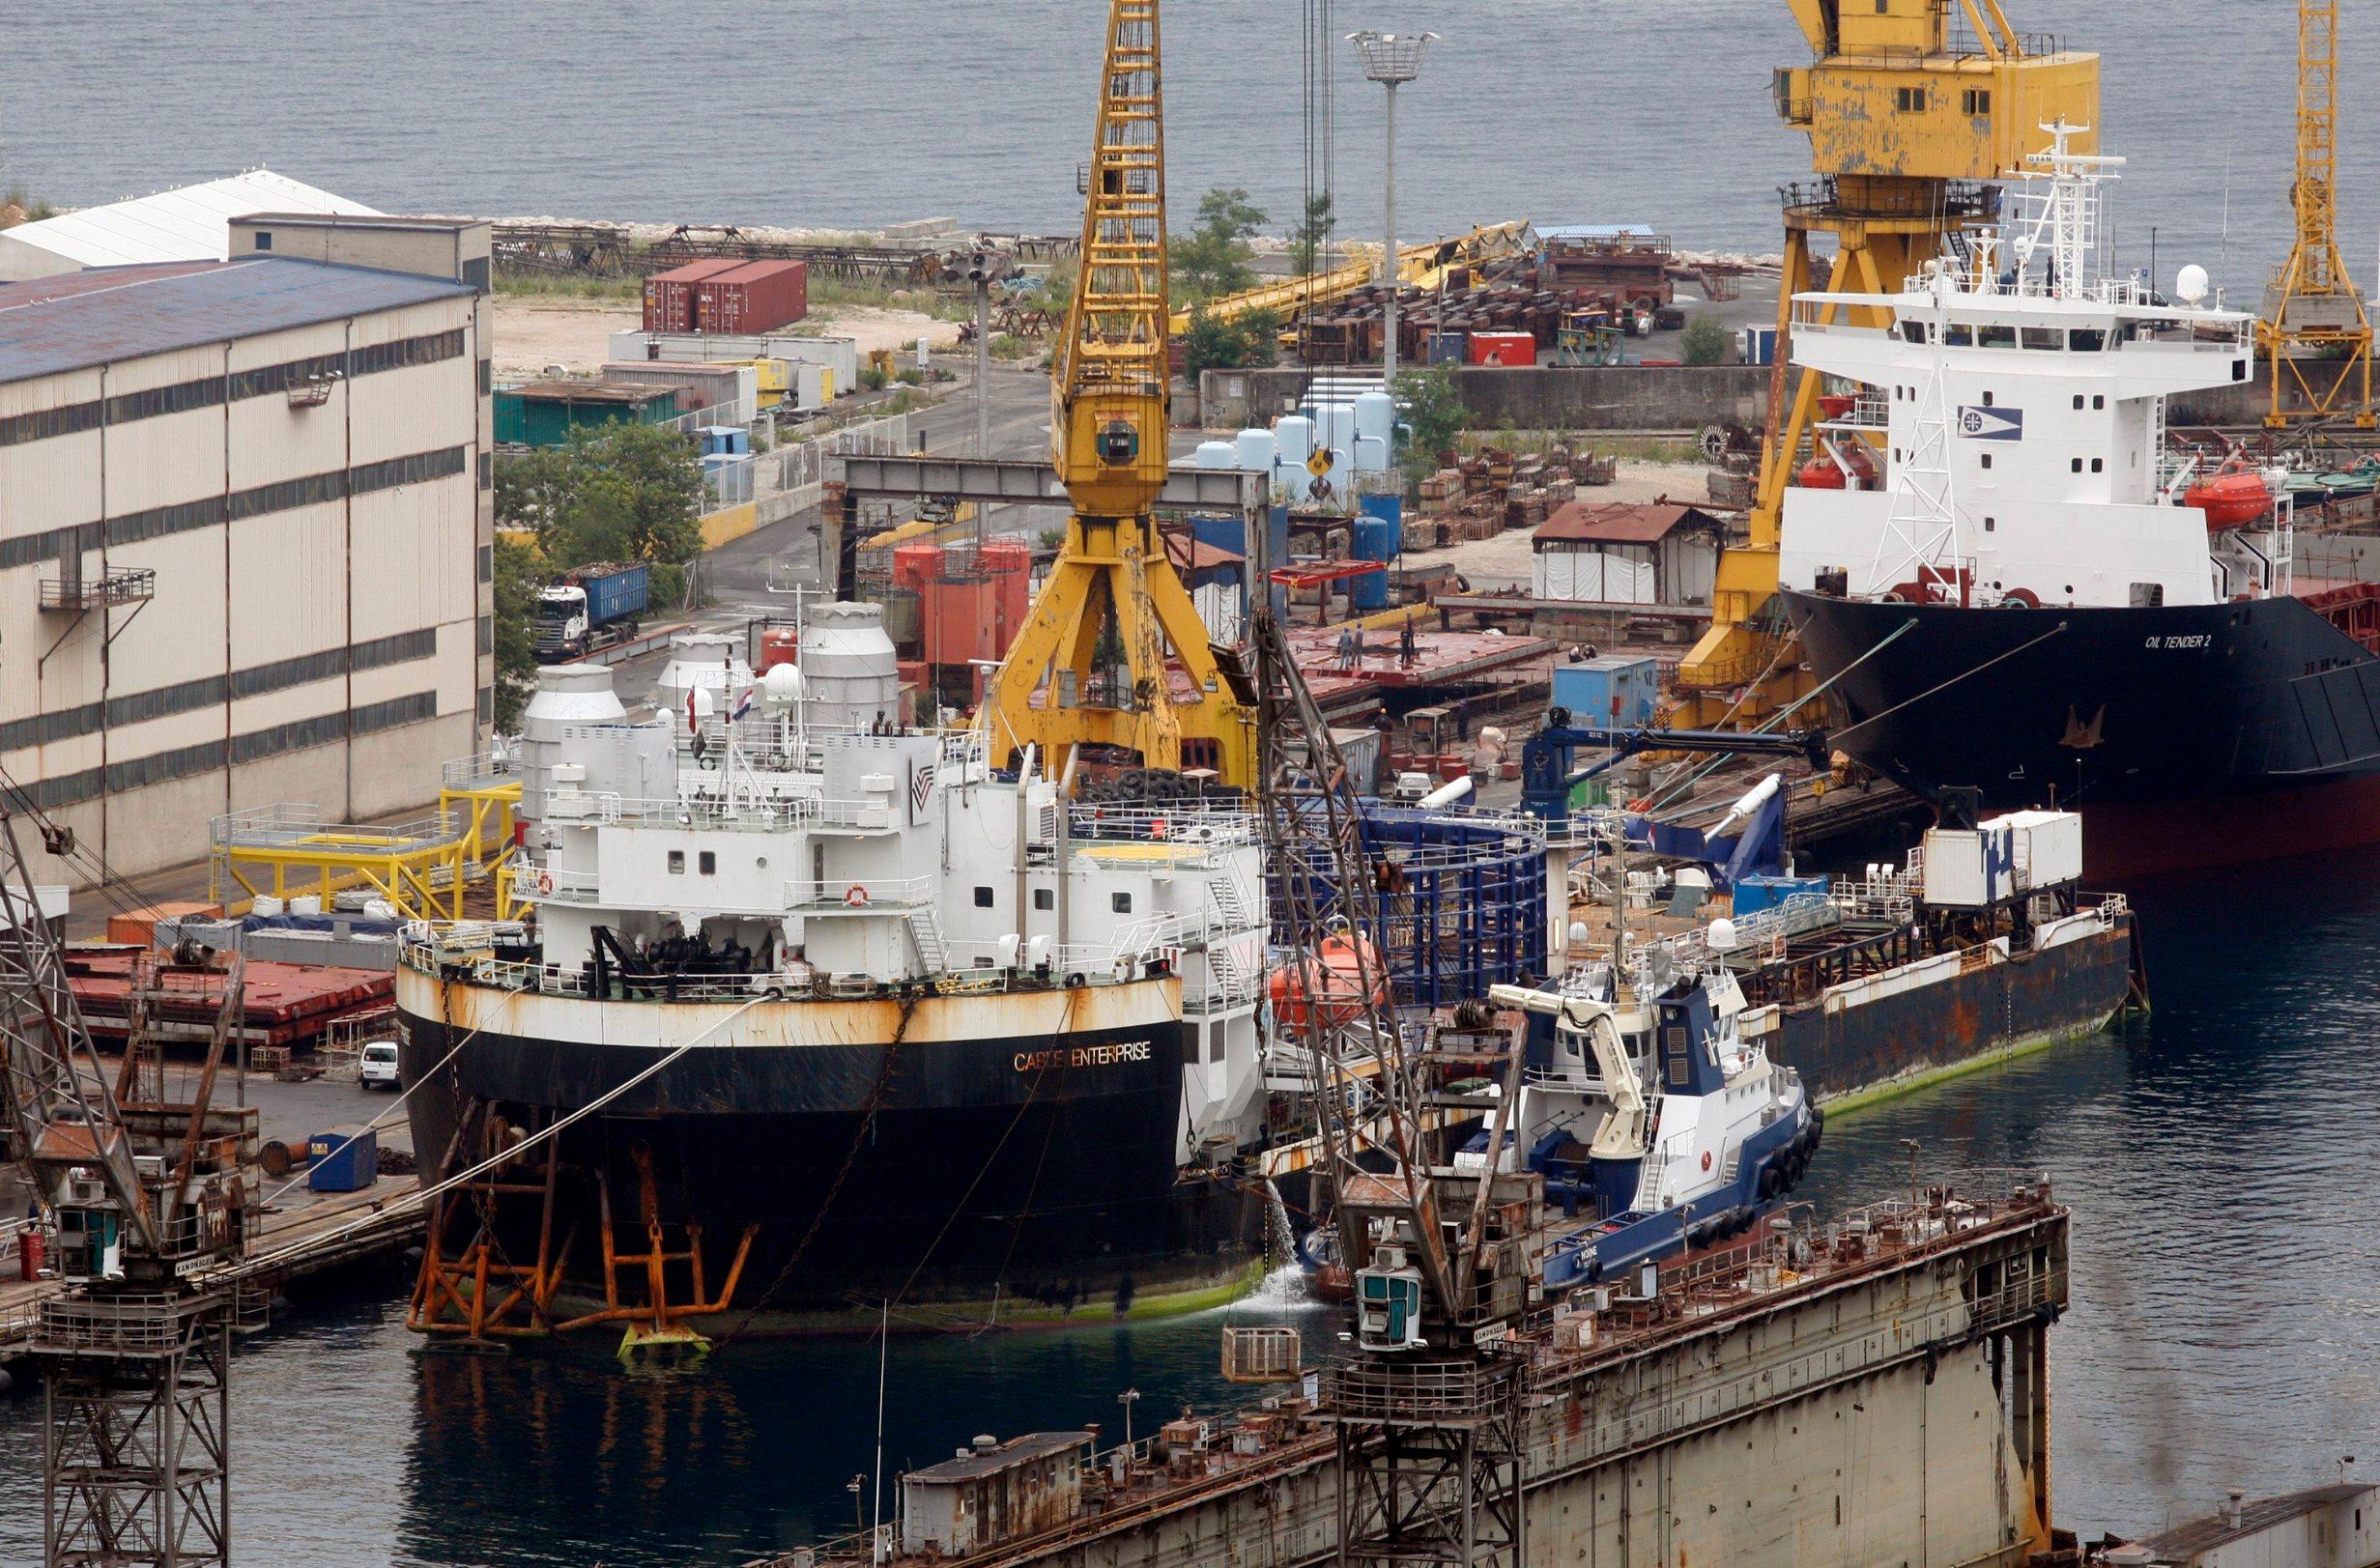 Rijeka, 210714. Na prinaku u remontno brodogradiliste Viktor Lenac dotegljen je brod Cable Enterprise, kabelopolagac-barza koji ce u brodogradilistu ostati do valjace iduce godine. Ovo je jedan od vecih poslova brodogradilista u novije vrijeme, vrijedan oko 20 milijuna eura. Foto: Tea Cimas / CROPIX